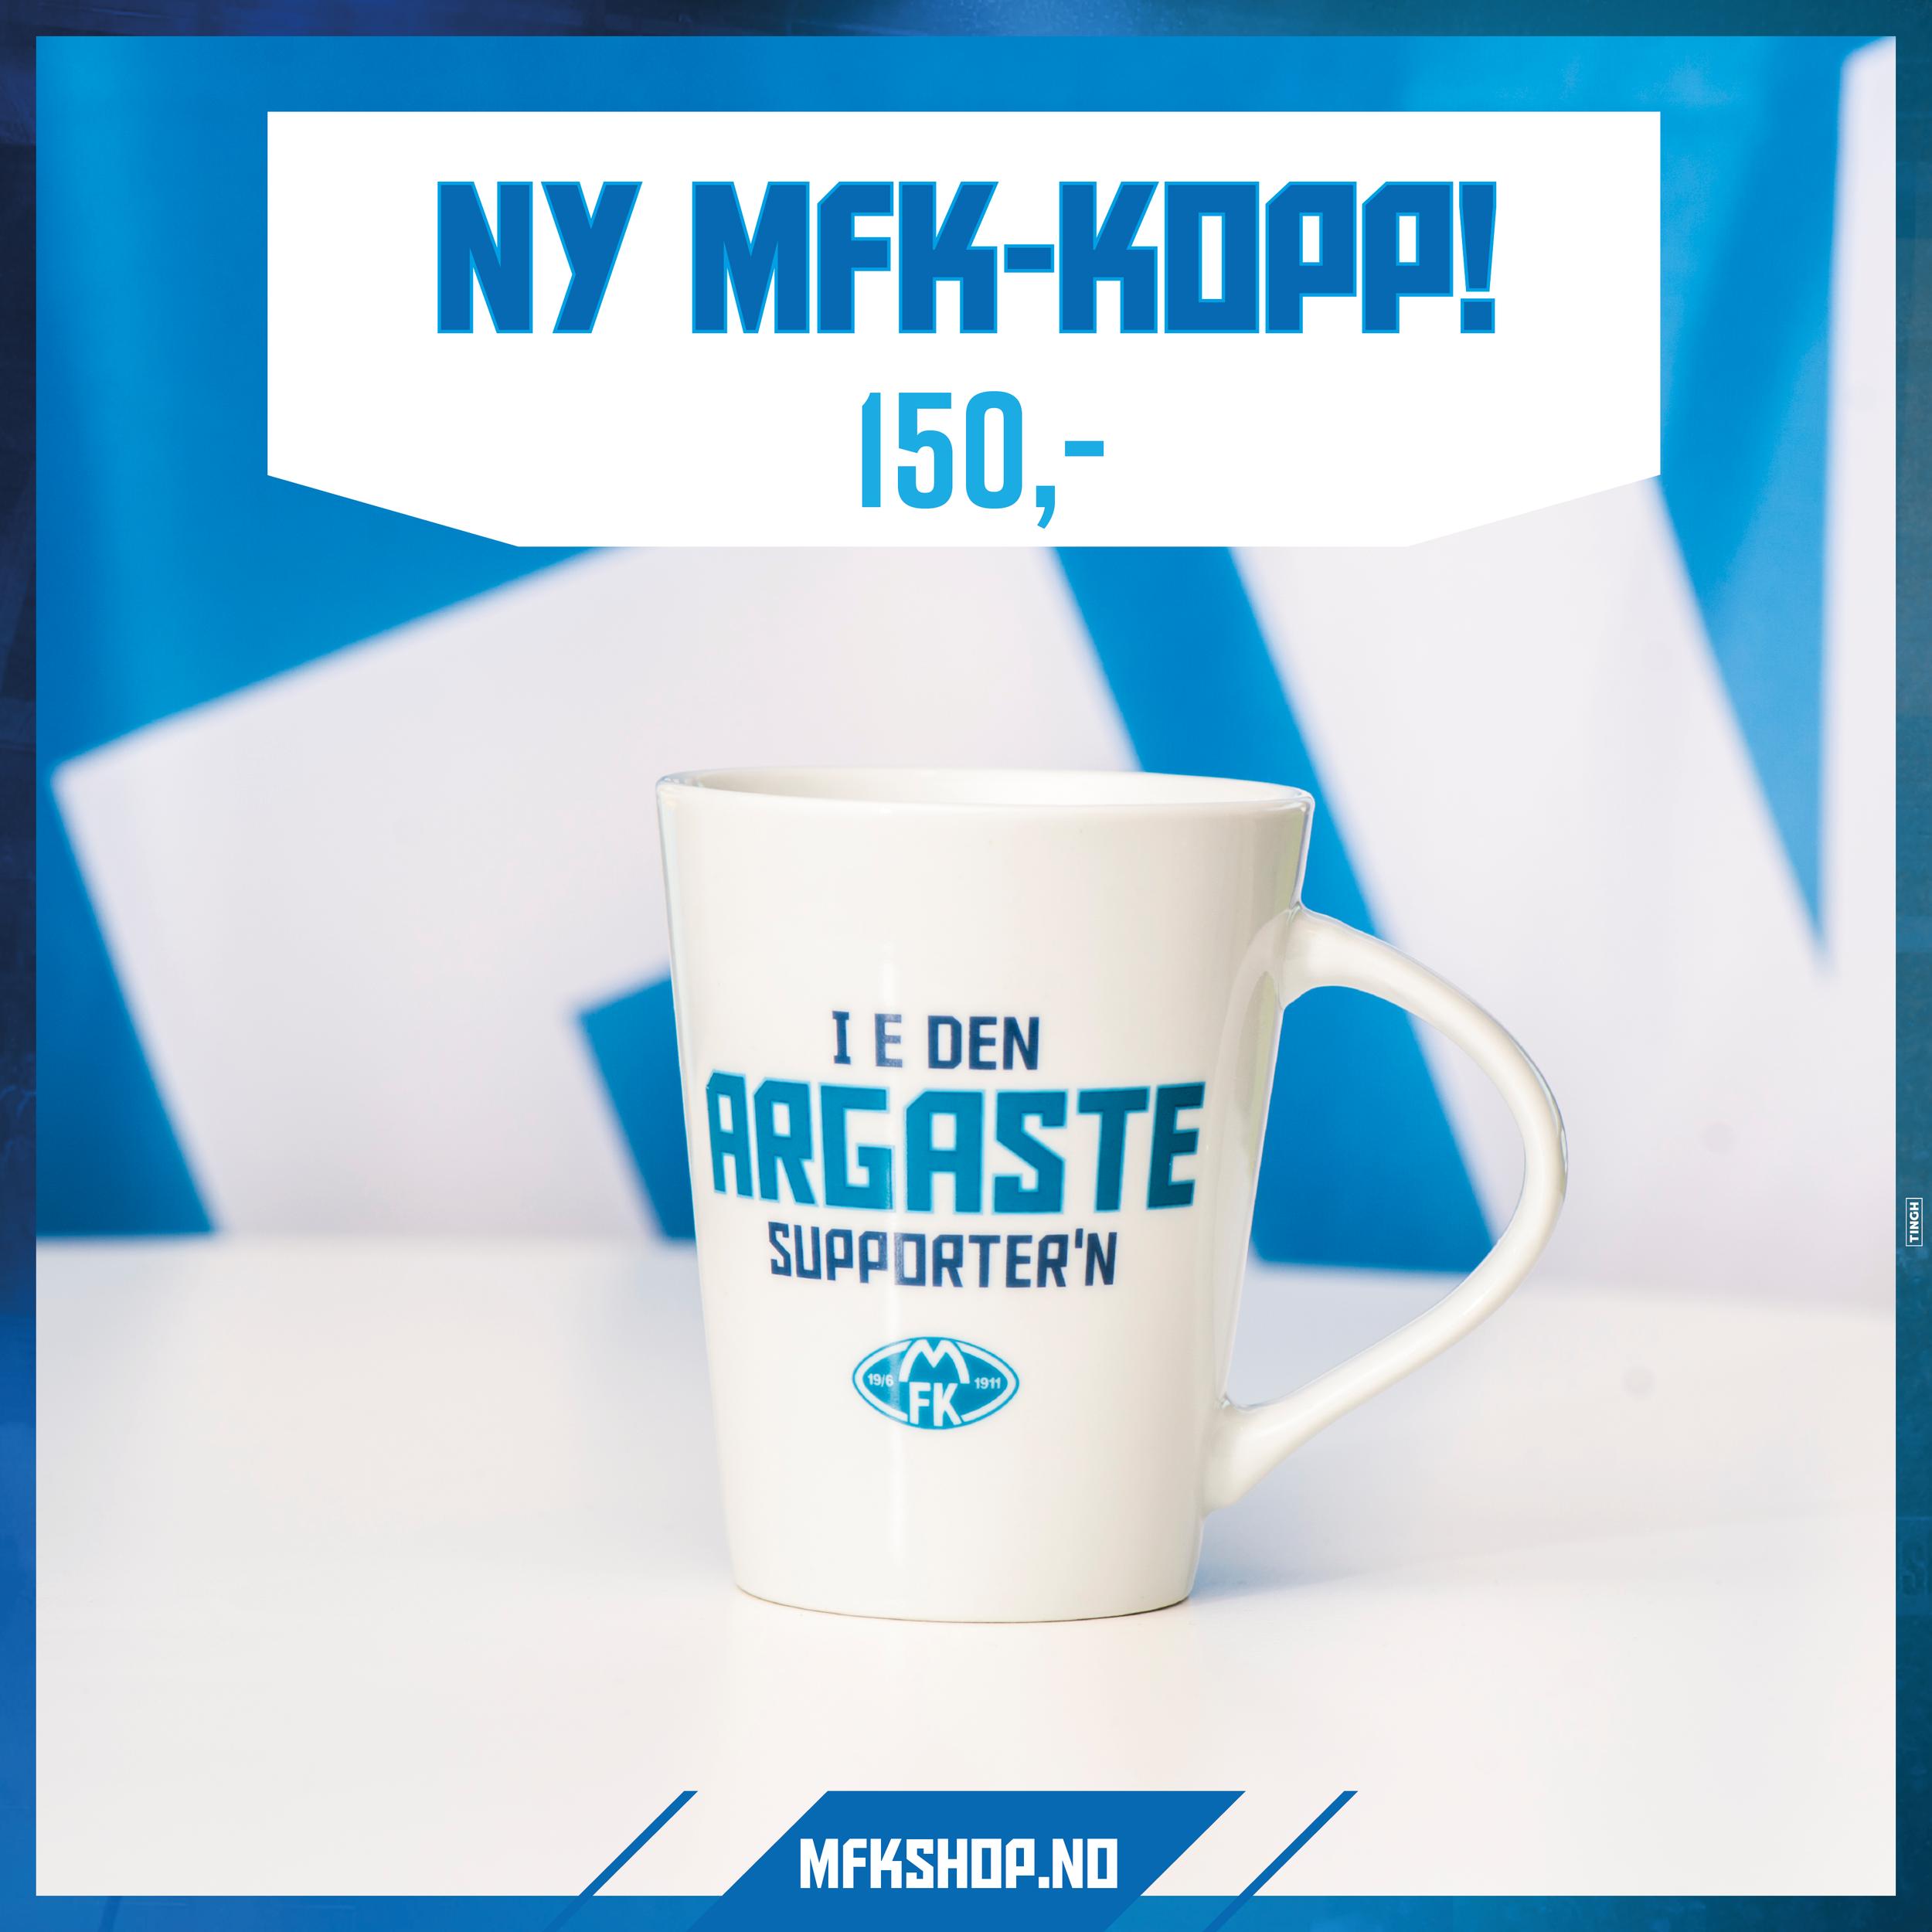 mfk-koppen_banner_insta.png